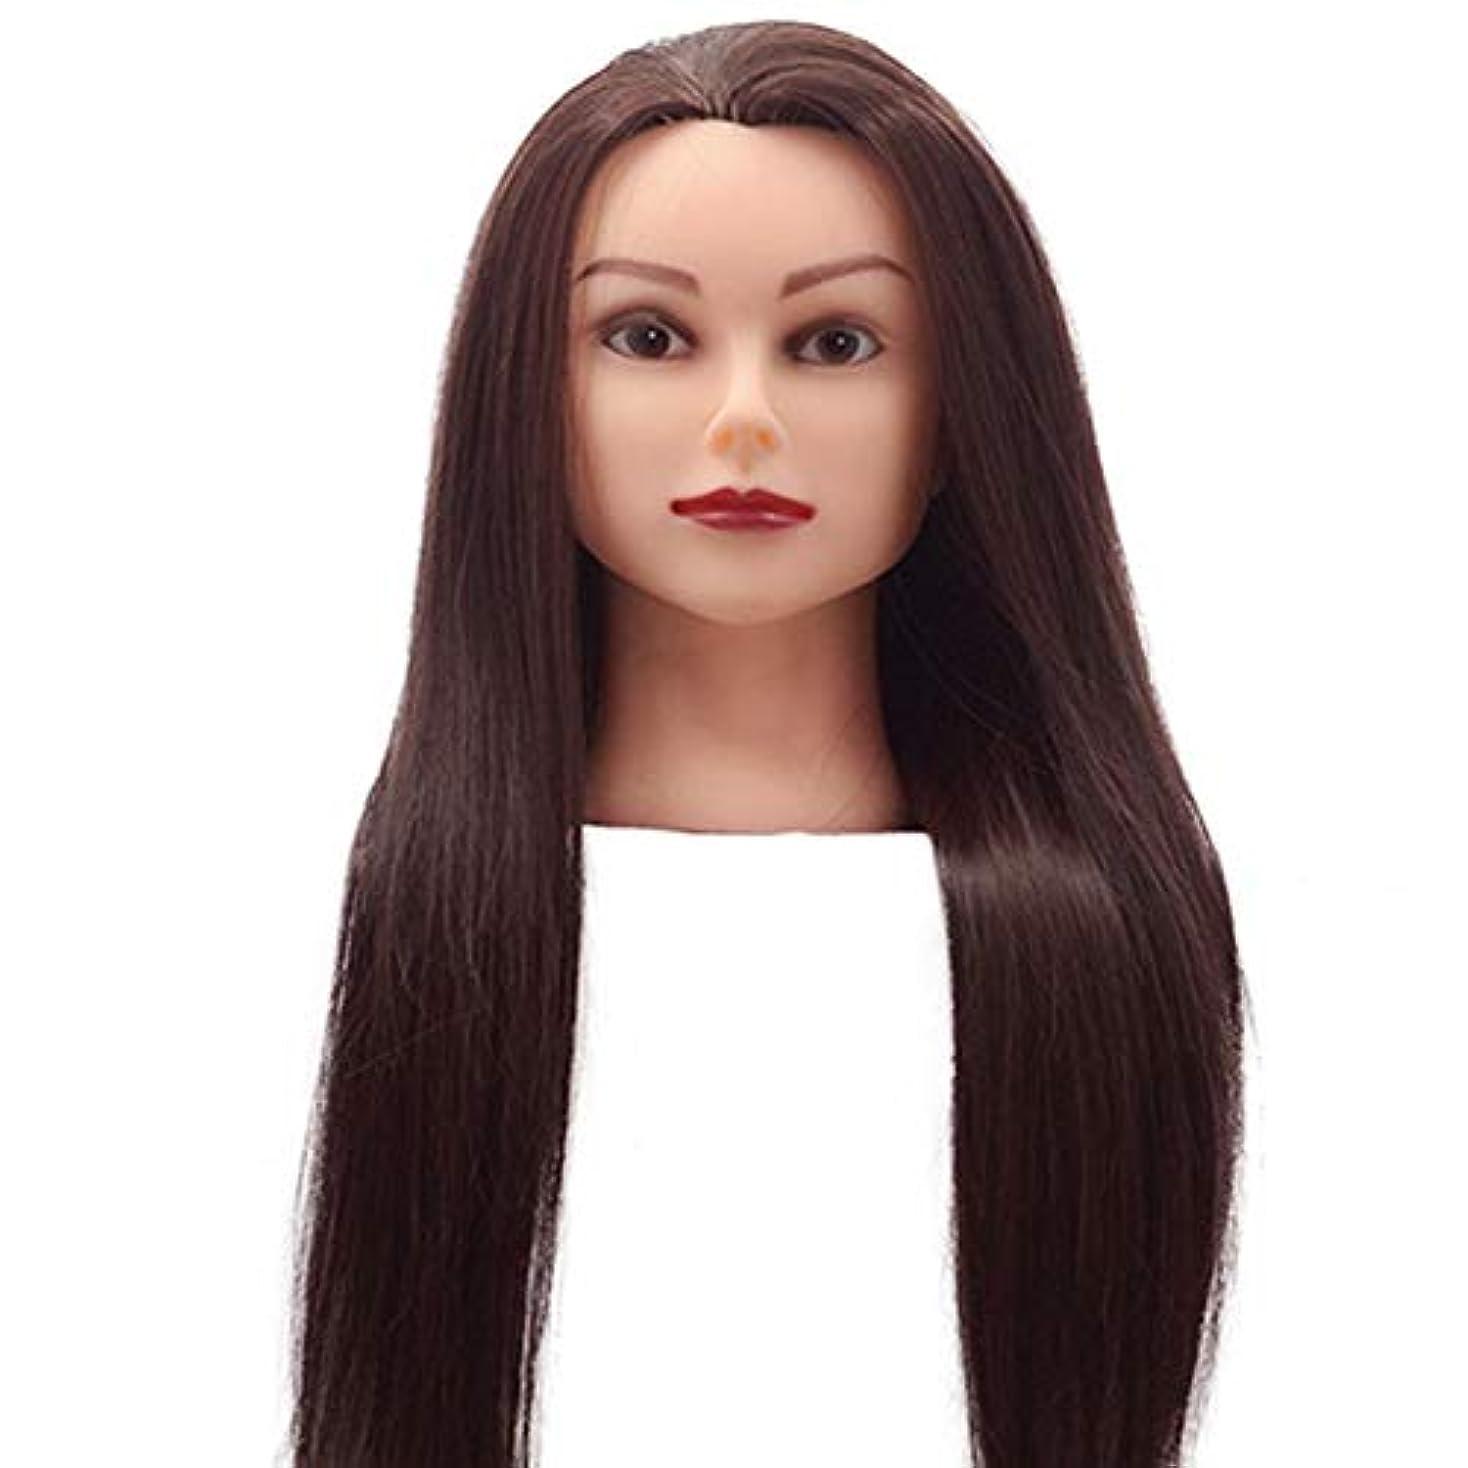 ネスト利益ライオネルグリーンストリート理髪モデルヘッド花嫁の髪編組三つ編み学習ヘッドモデル理髪店美容散髪ダミーエクササイズヘッド